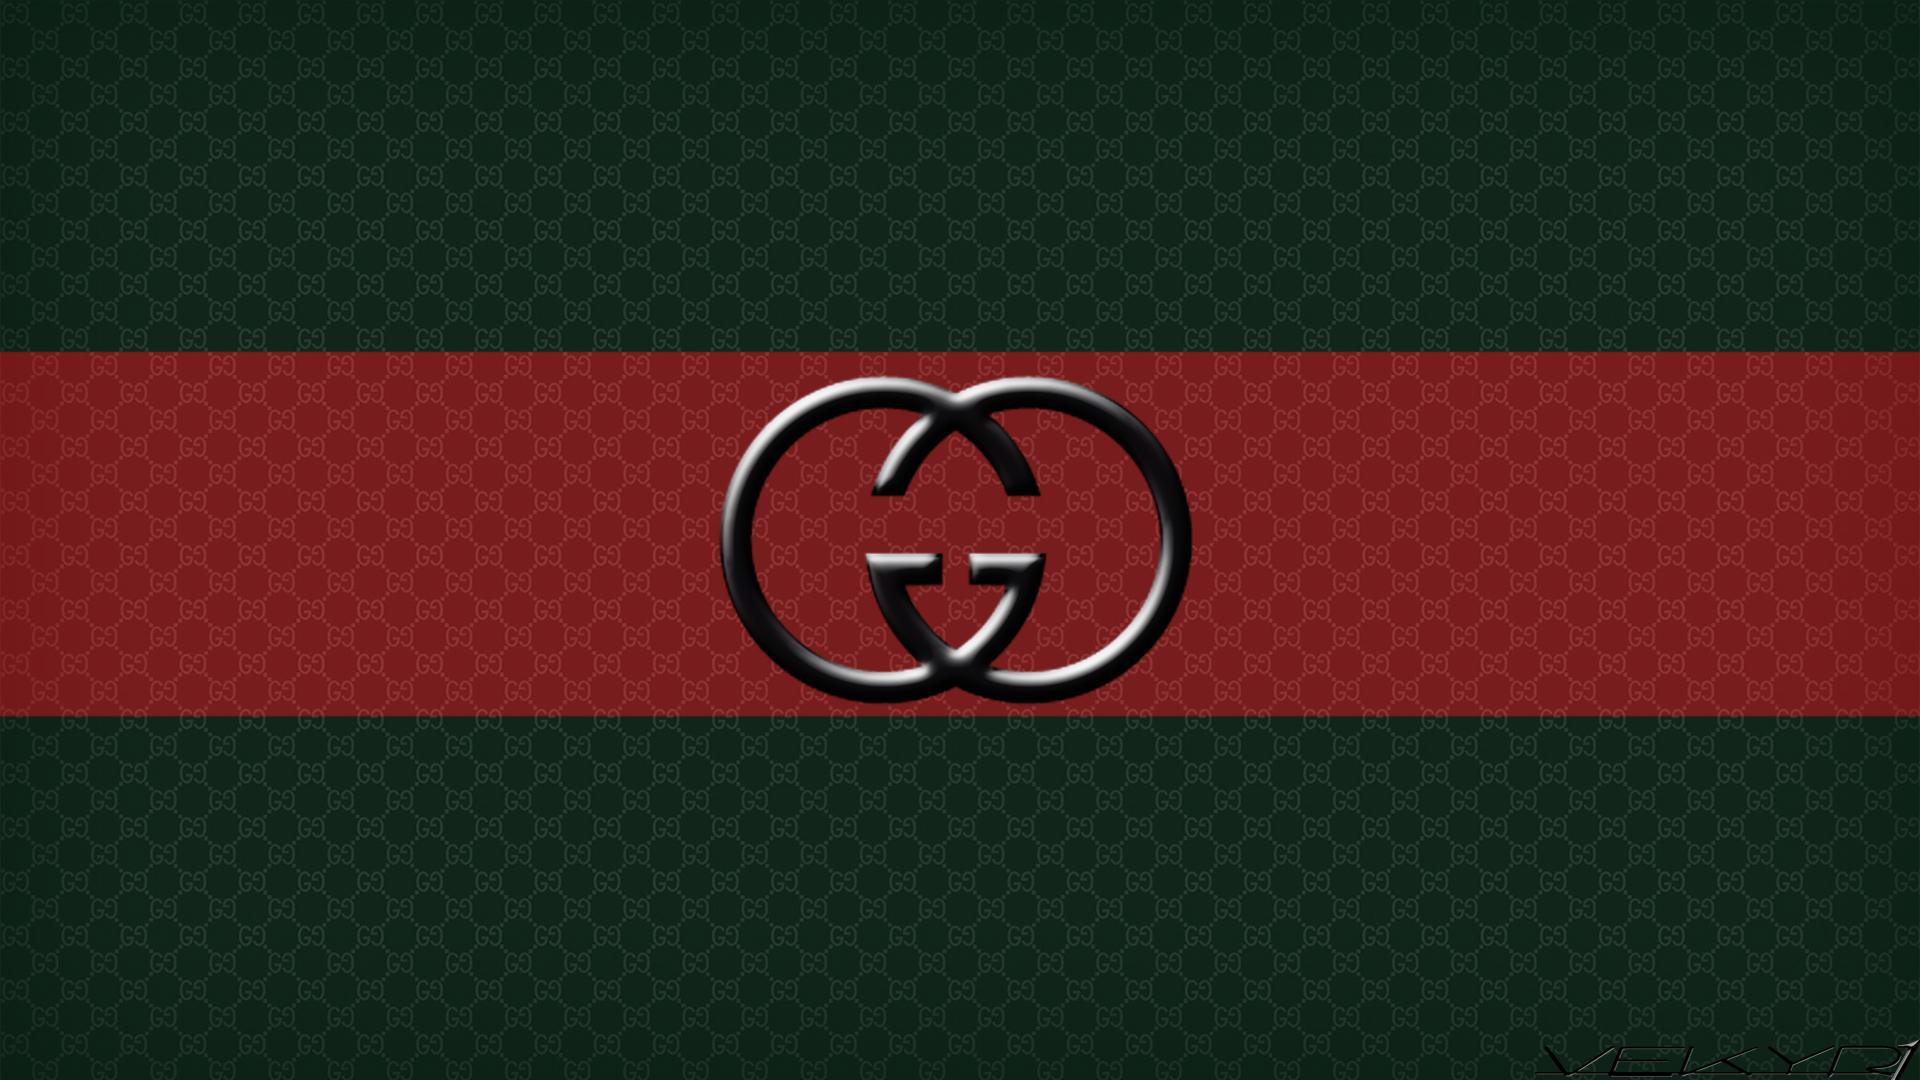 gucci wallpaper by vekyr1 customization wallpaper hdtv widescreen 2013 1920x1080